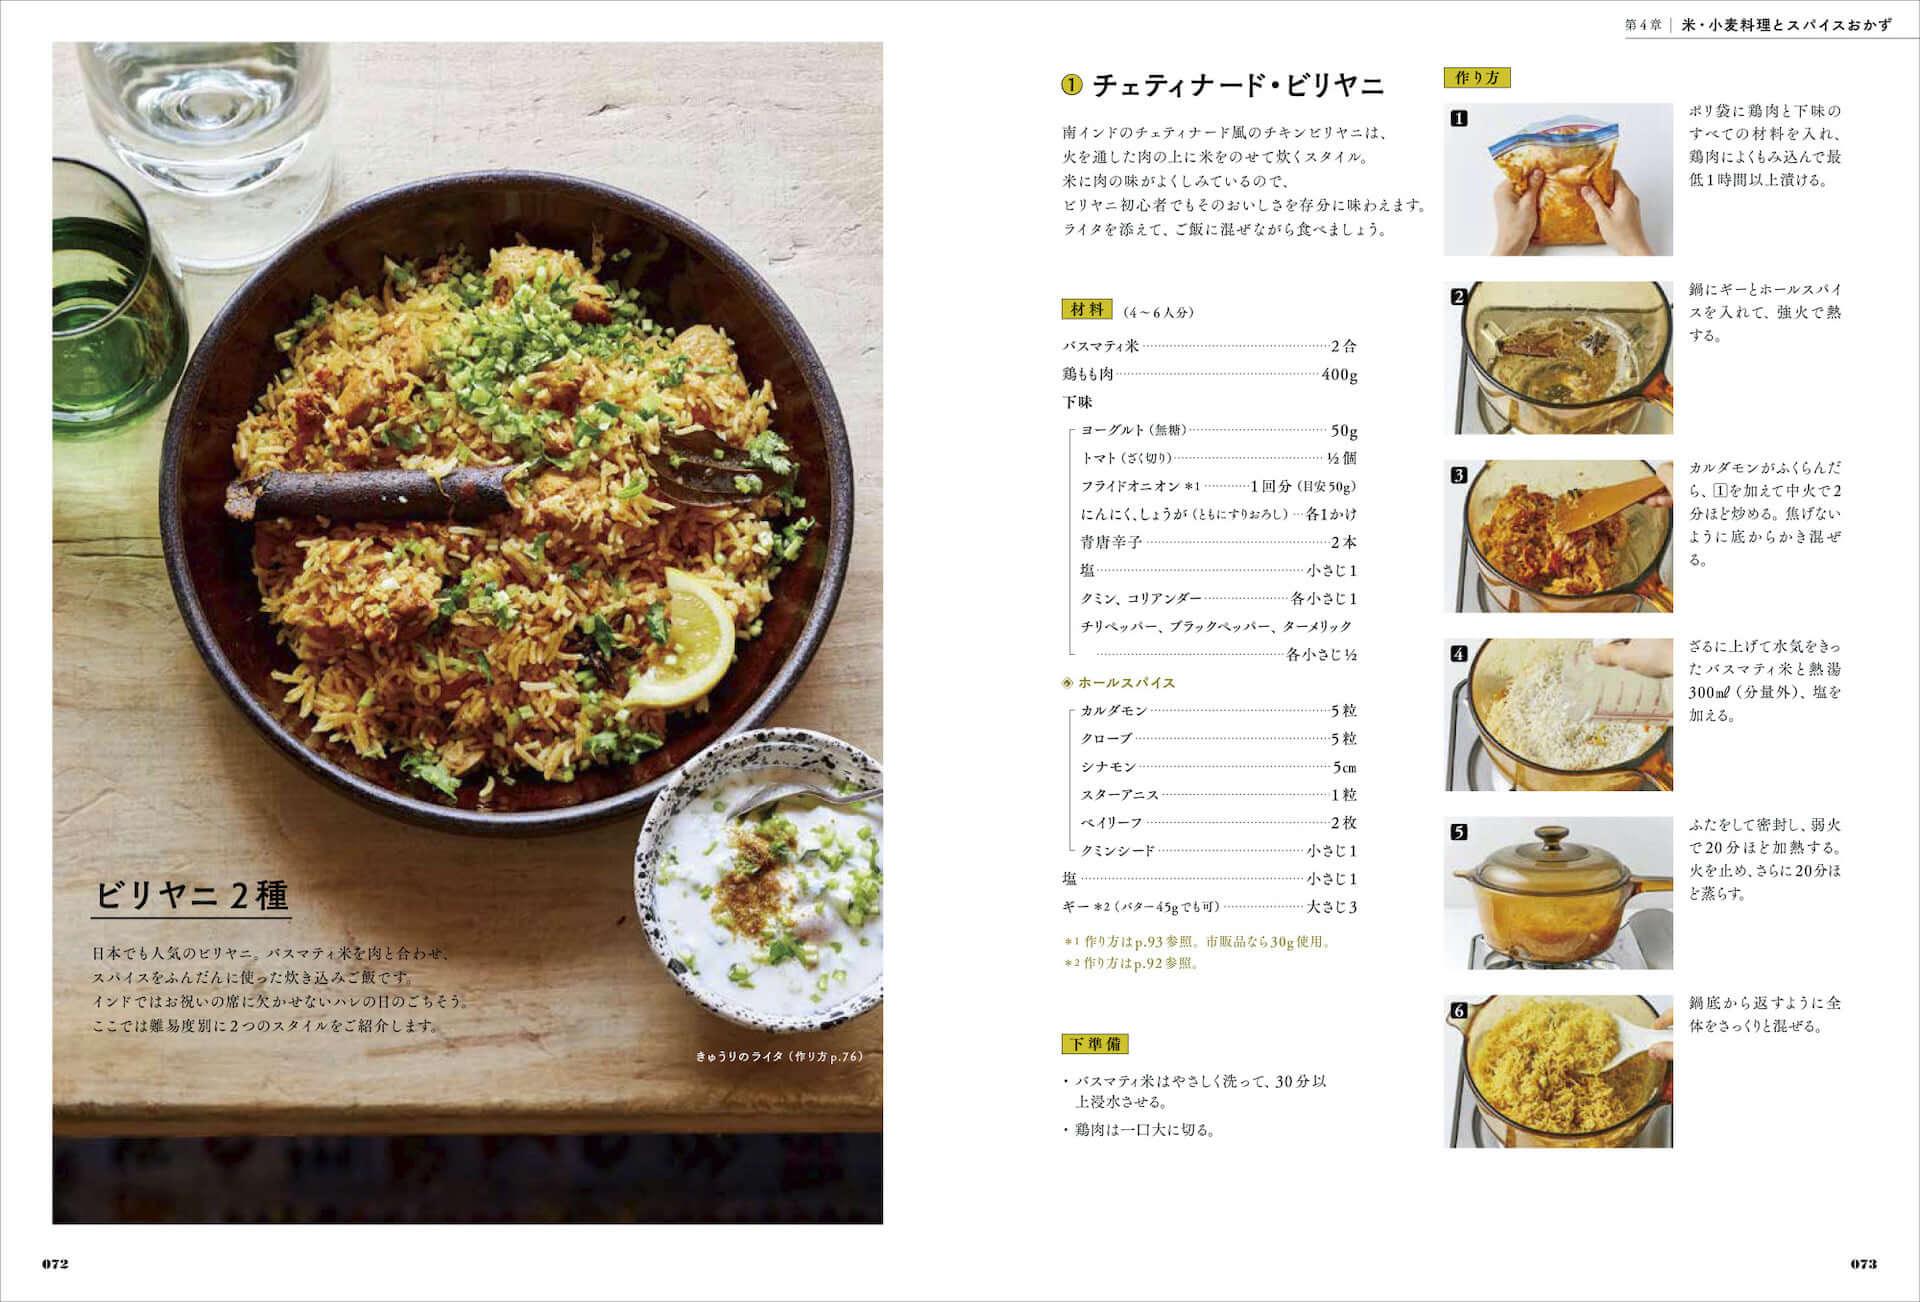 ディープなスパイスカレーをおうちでも!スパイス料理研究家・印度カリー子による本格カレーレシピ本が発売決定 gourmet200622_curry_book_5-1920x1302